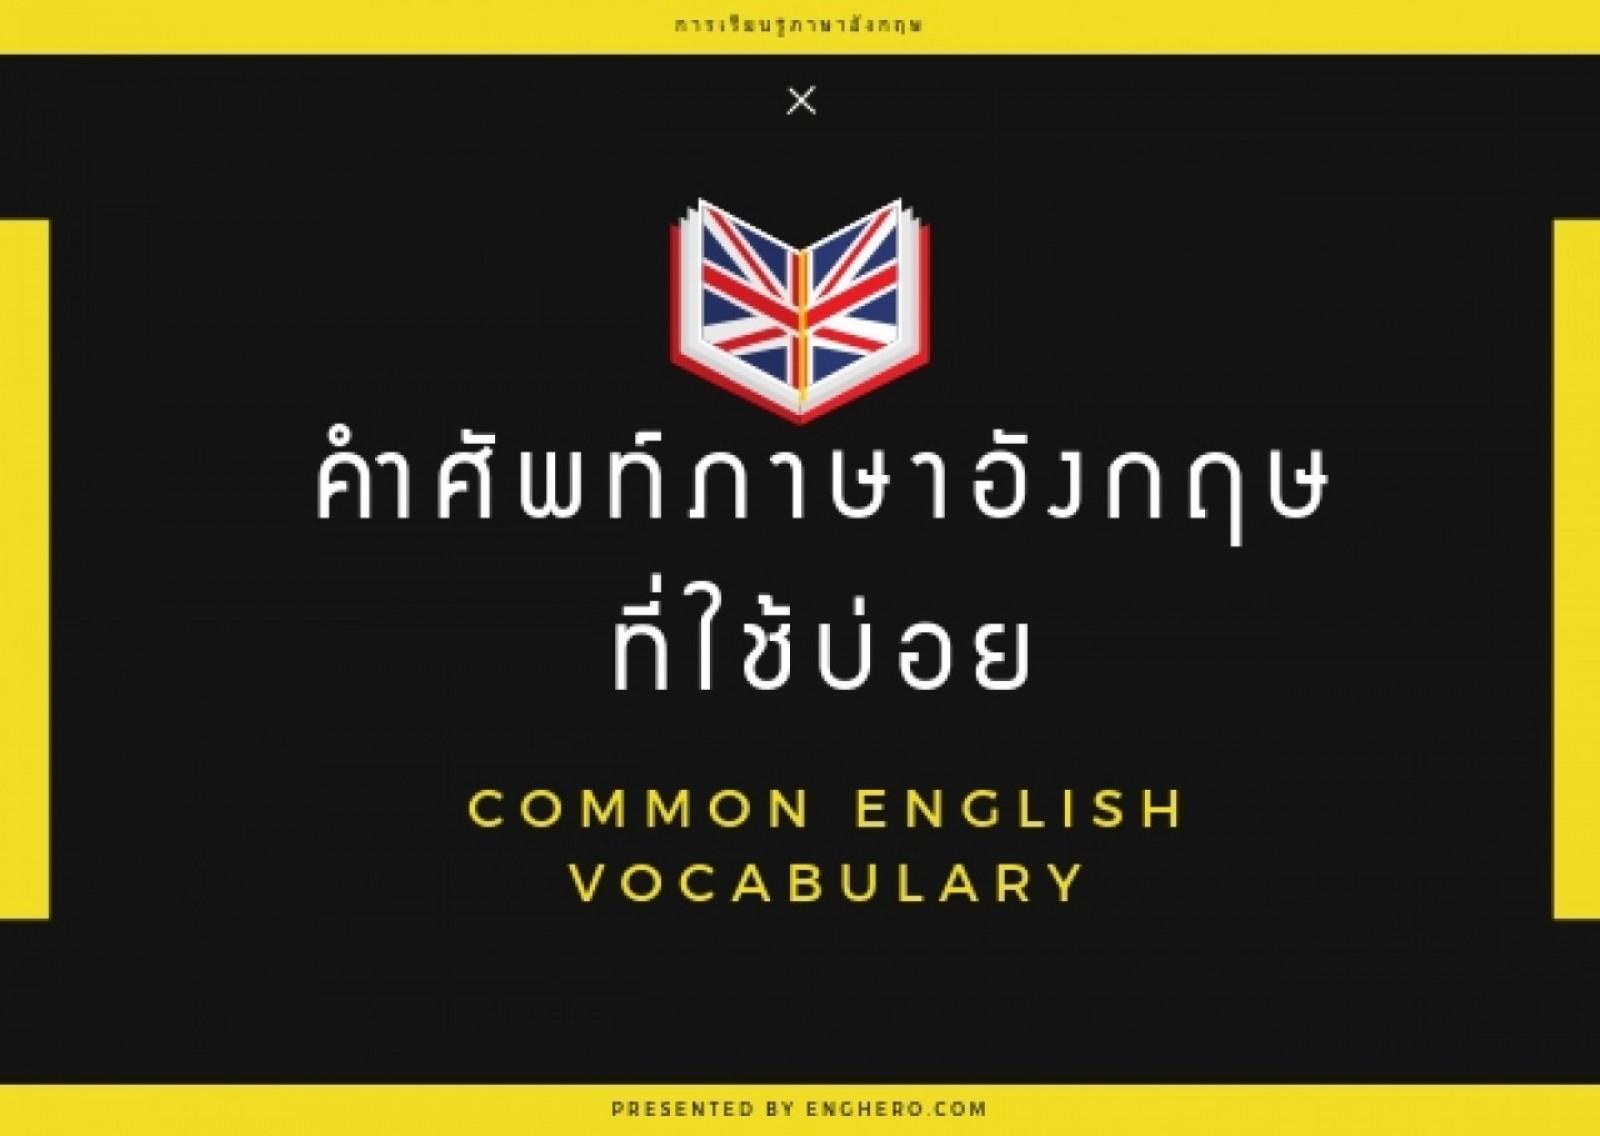 รวม 500 คำศัพท์ภาษาอังกฤษที่ใช้บ่อย | Eng Hero เรียนภาษาอังกฤษ ออนไลน์ ฟรี